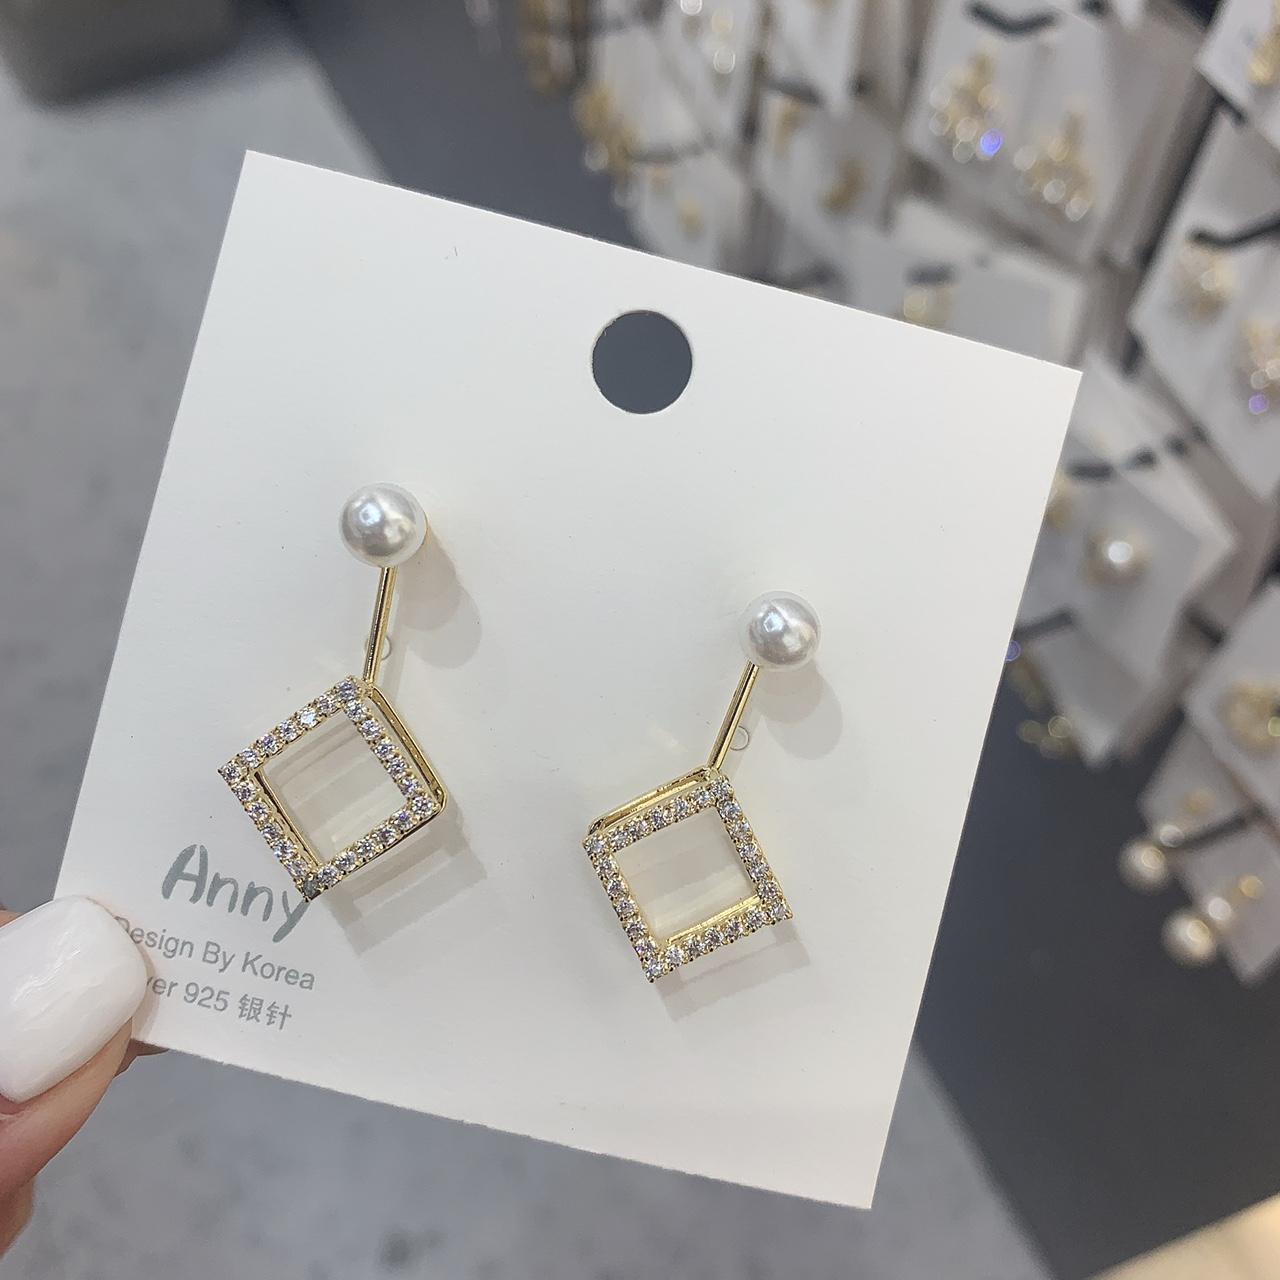 S925几何耳钉多钻时尚简约气质耳环超仙珍珠高级感百搭耳饰品